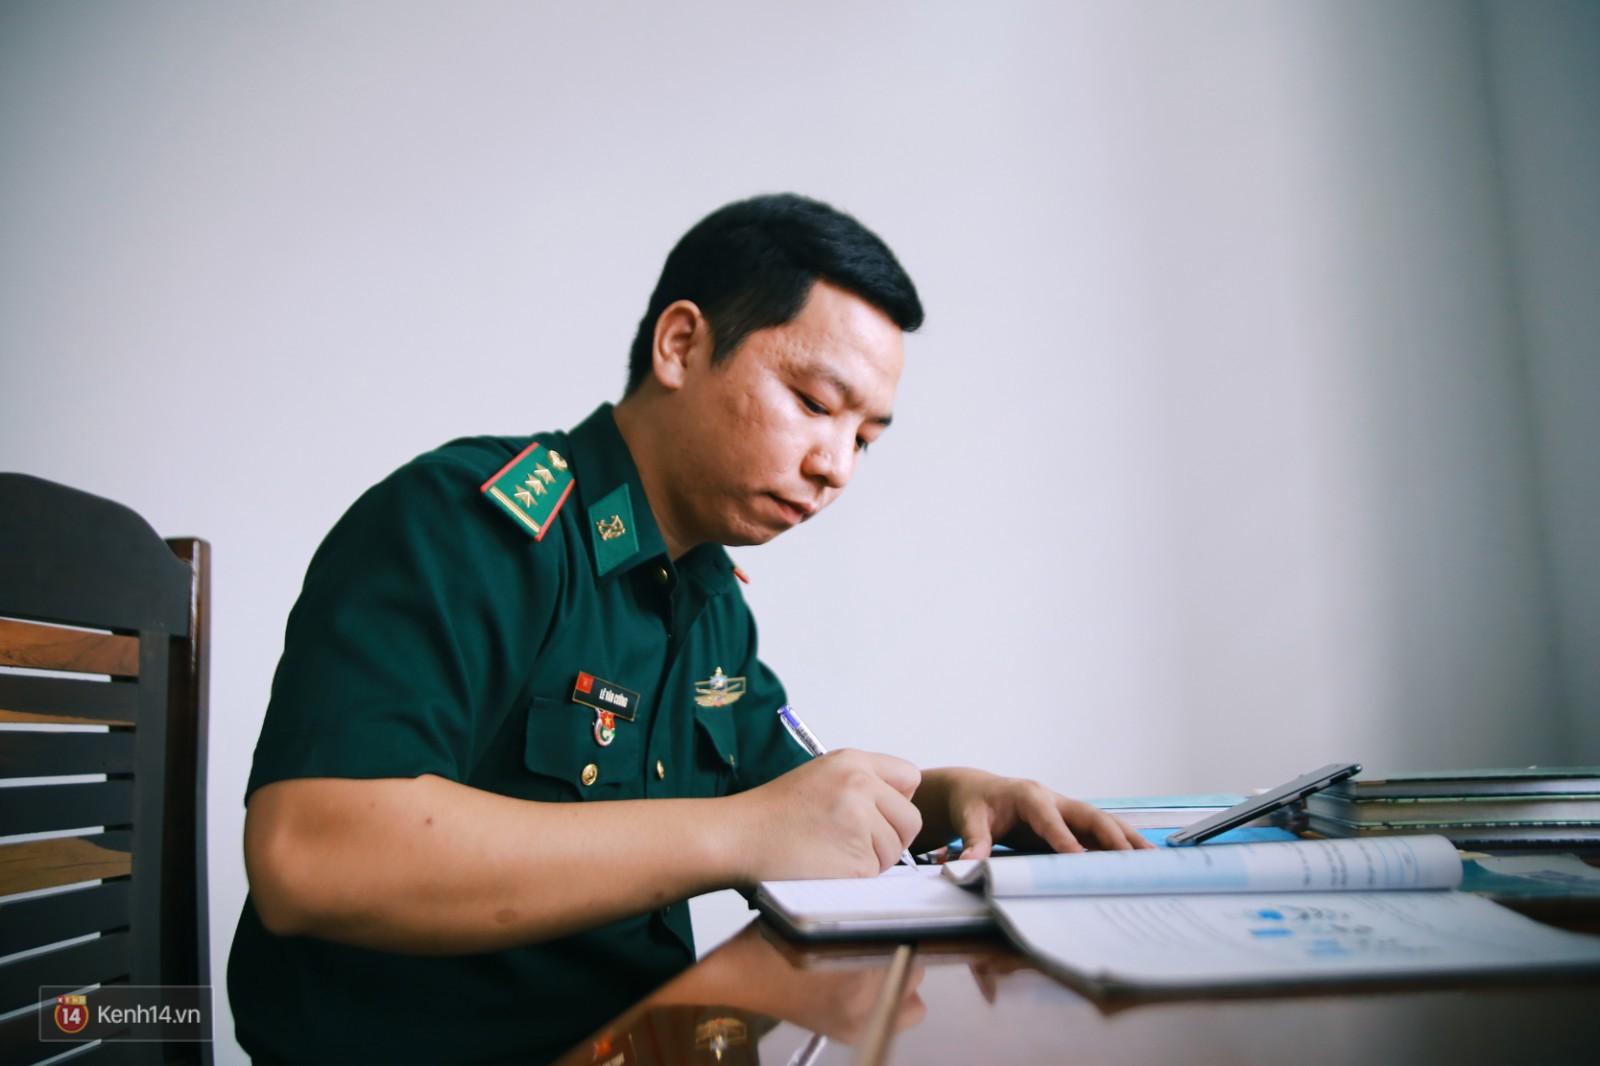 Những thầy giáo quân hàm xanh ở Vành đai biên giới Việt - Cam: Ngày tuần tra, đêm gieo chữ cho bọn trẻ không quốc tịch - Ảnh 14.